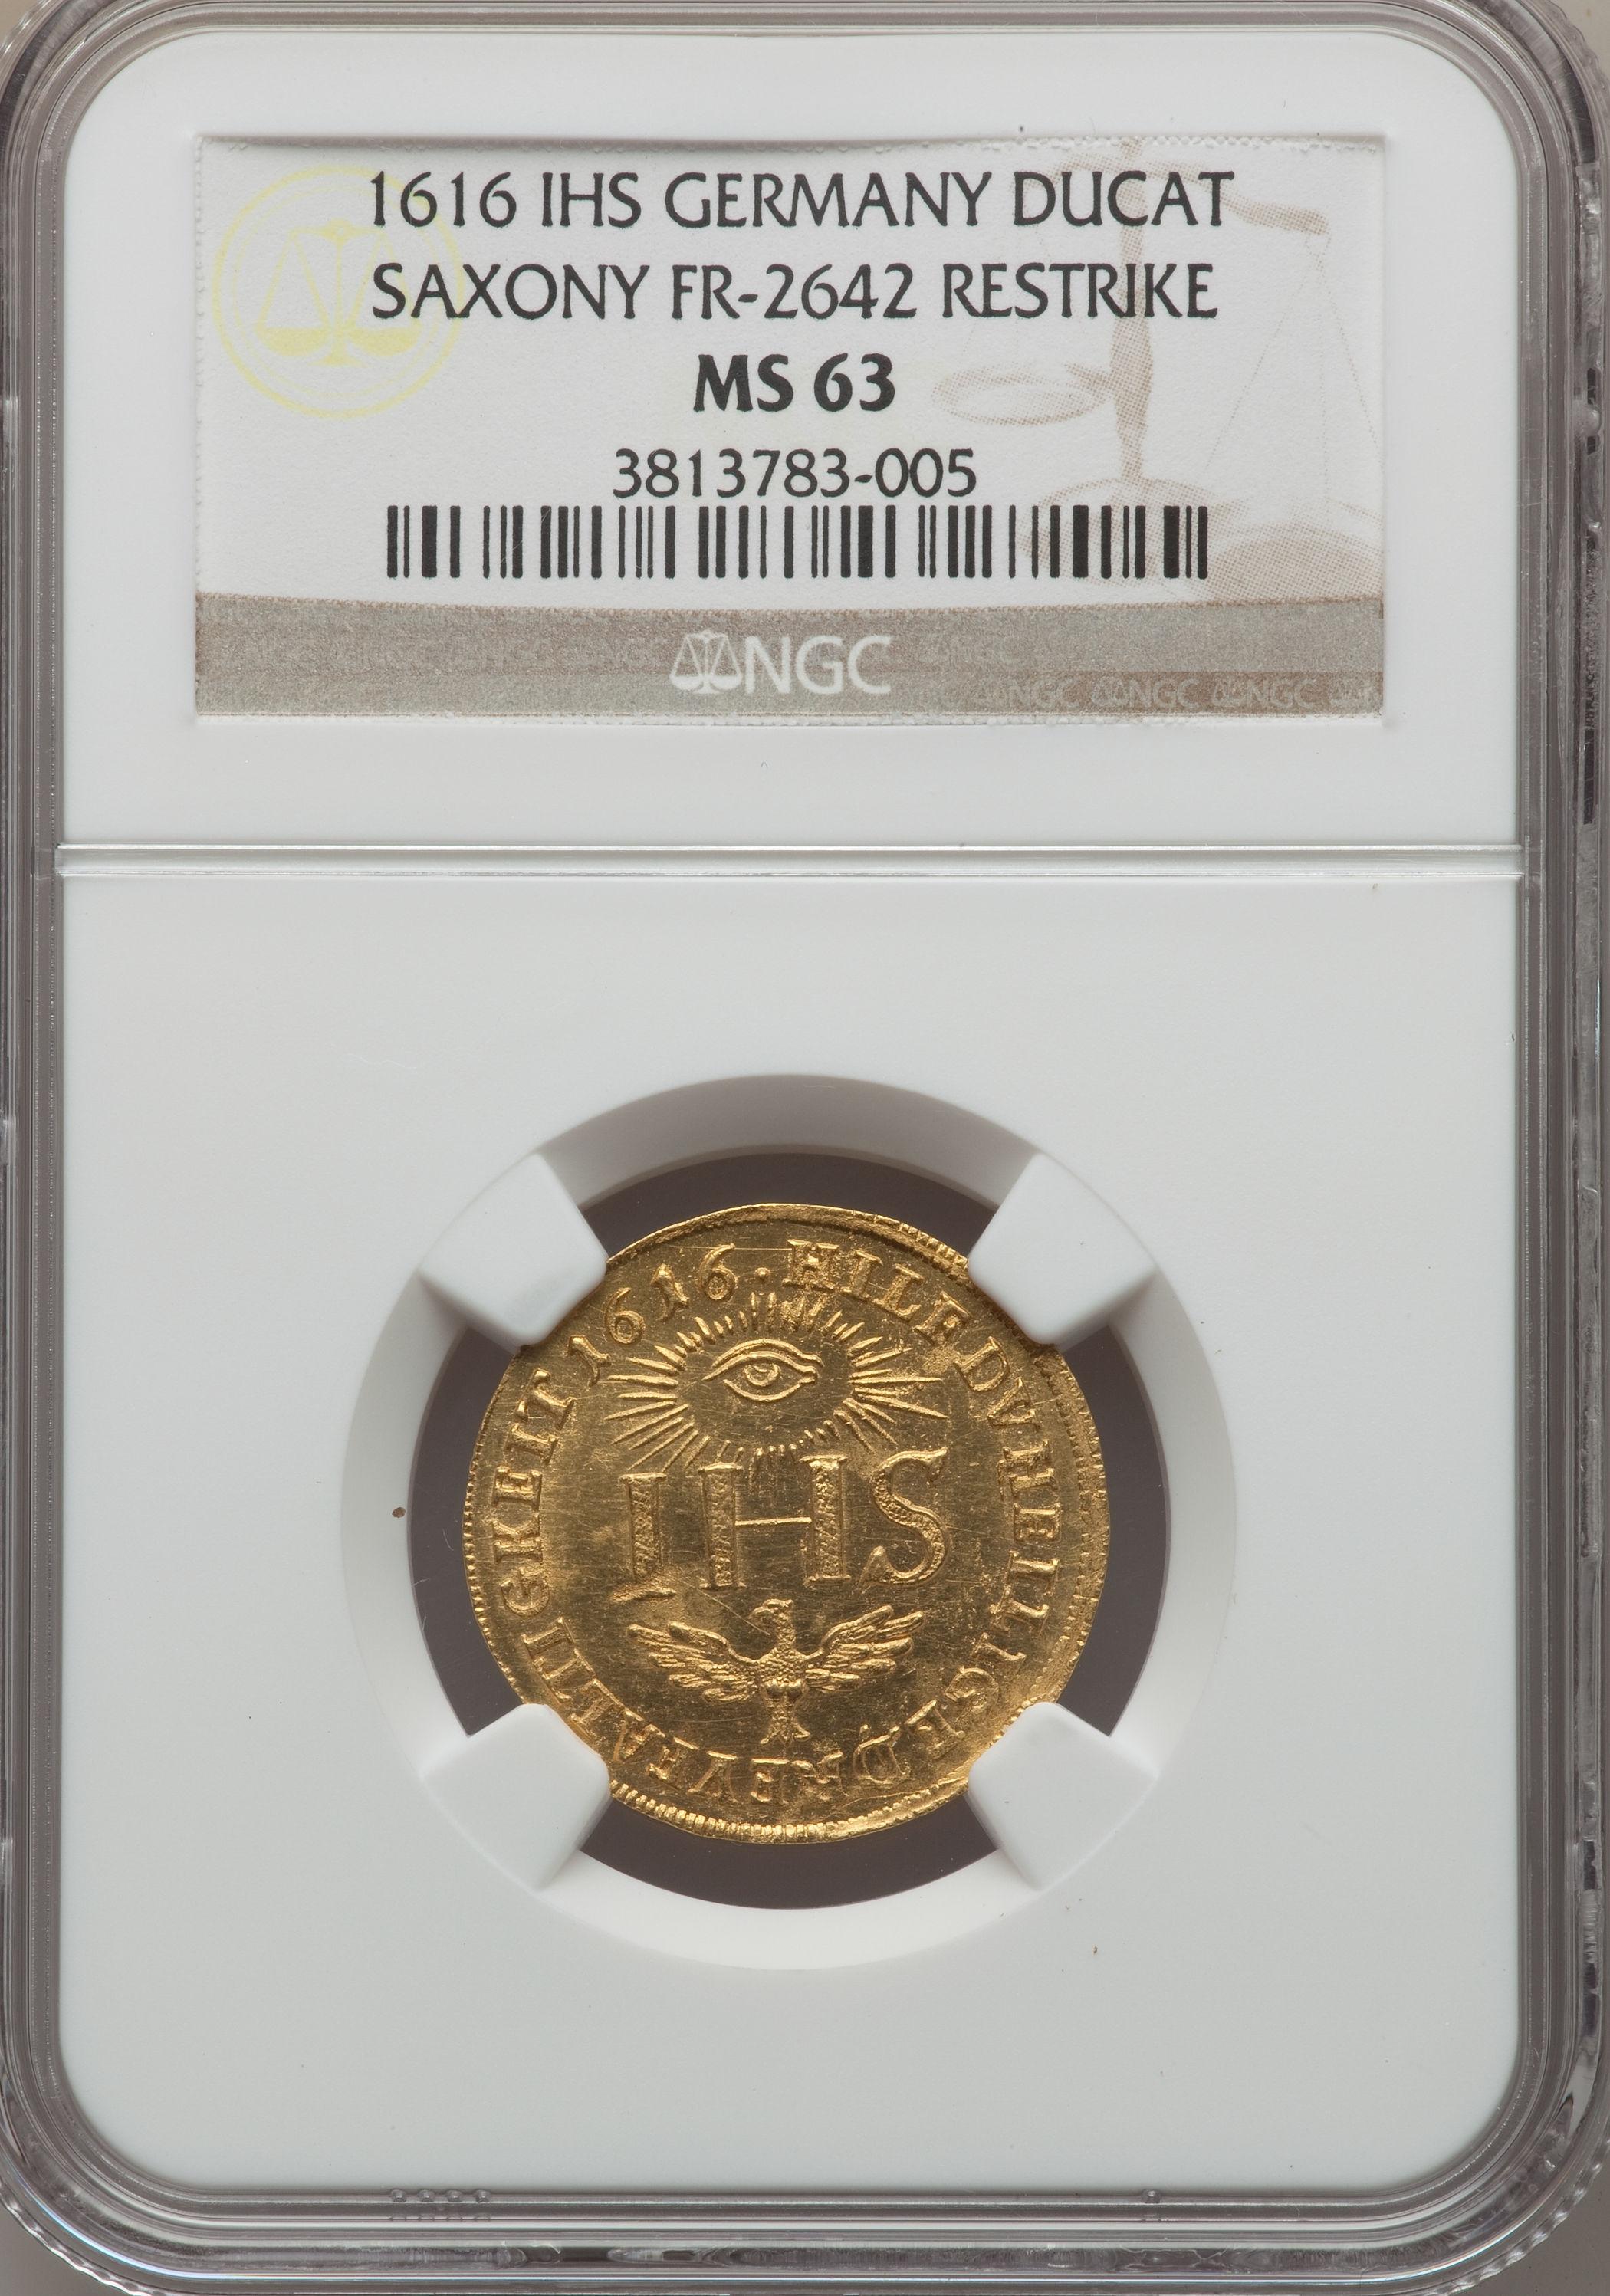 【動画あり】アンティークコイン ドイツ金貨 Saxony. Johan George I gold Ducat Restrike 1616-IHS MS63 NGC